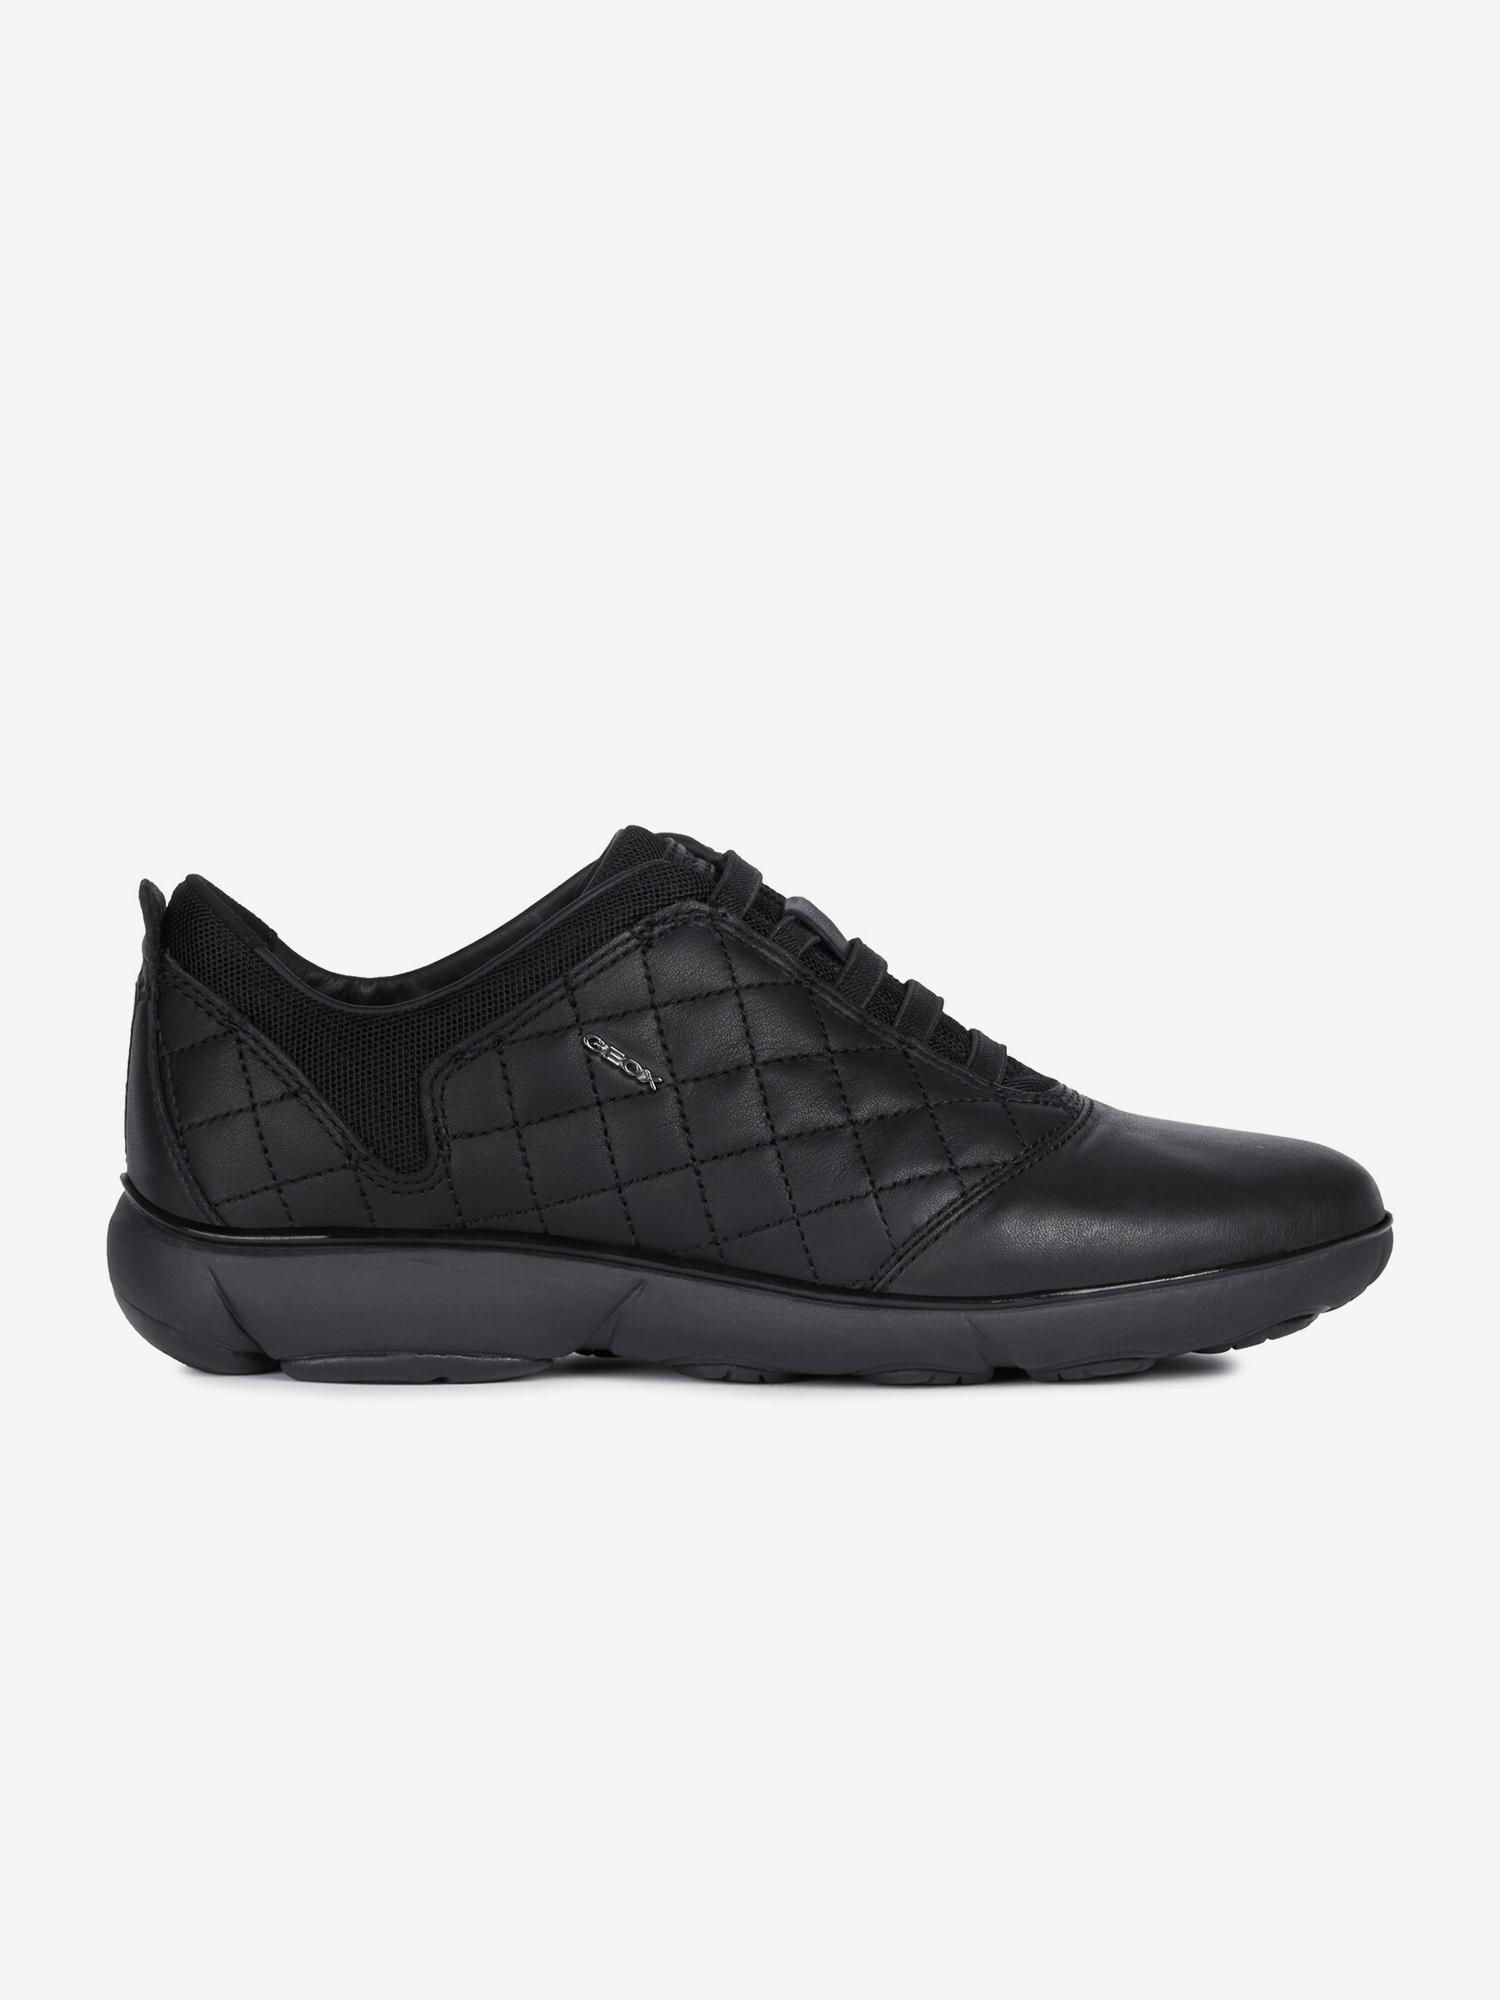 Shoes Geox D Nebula